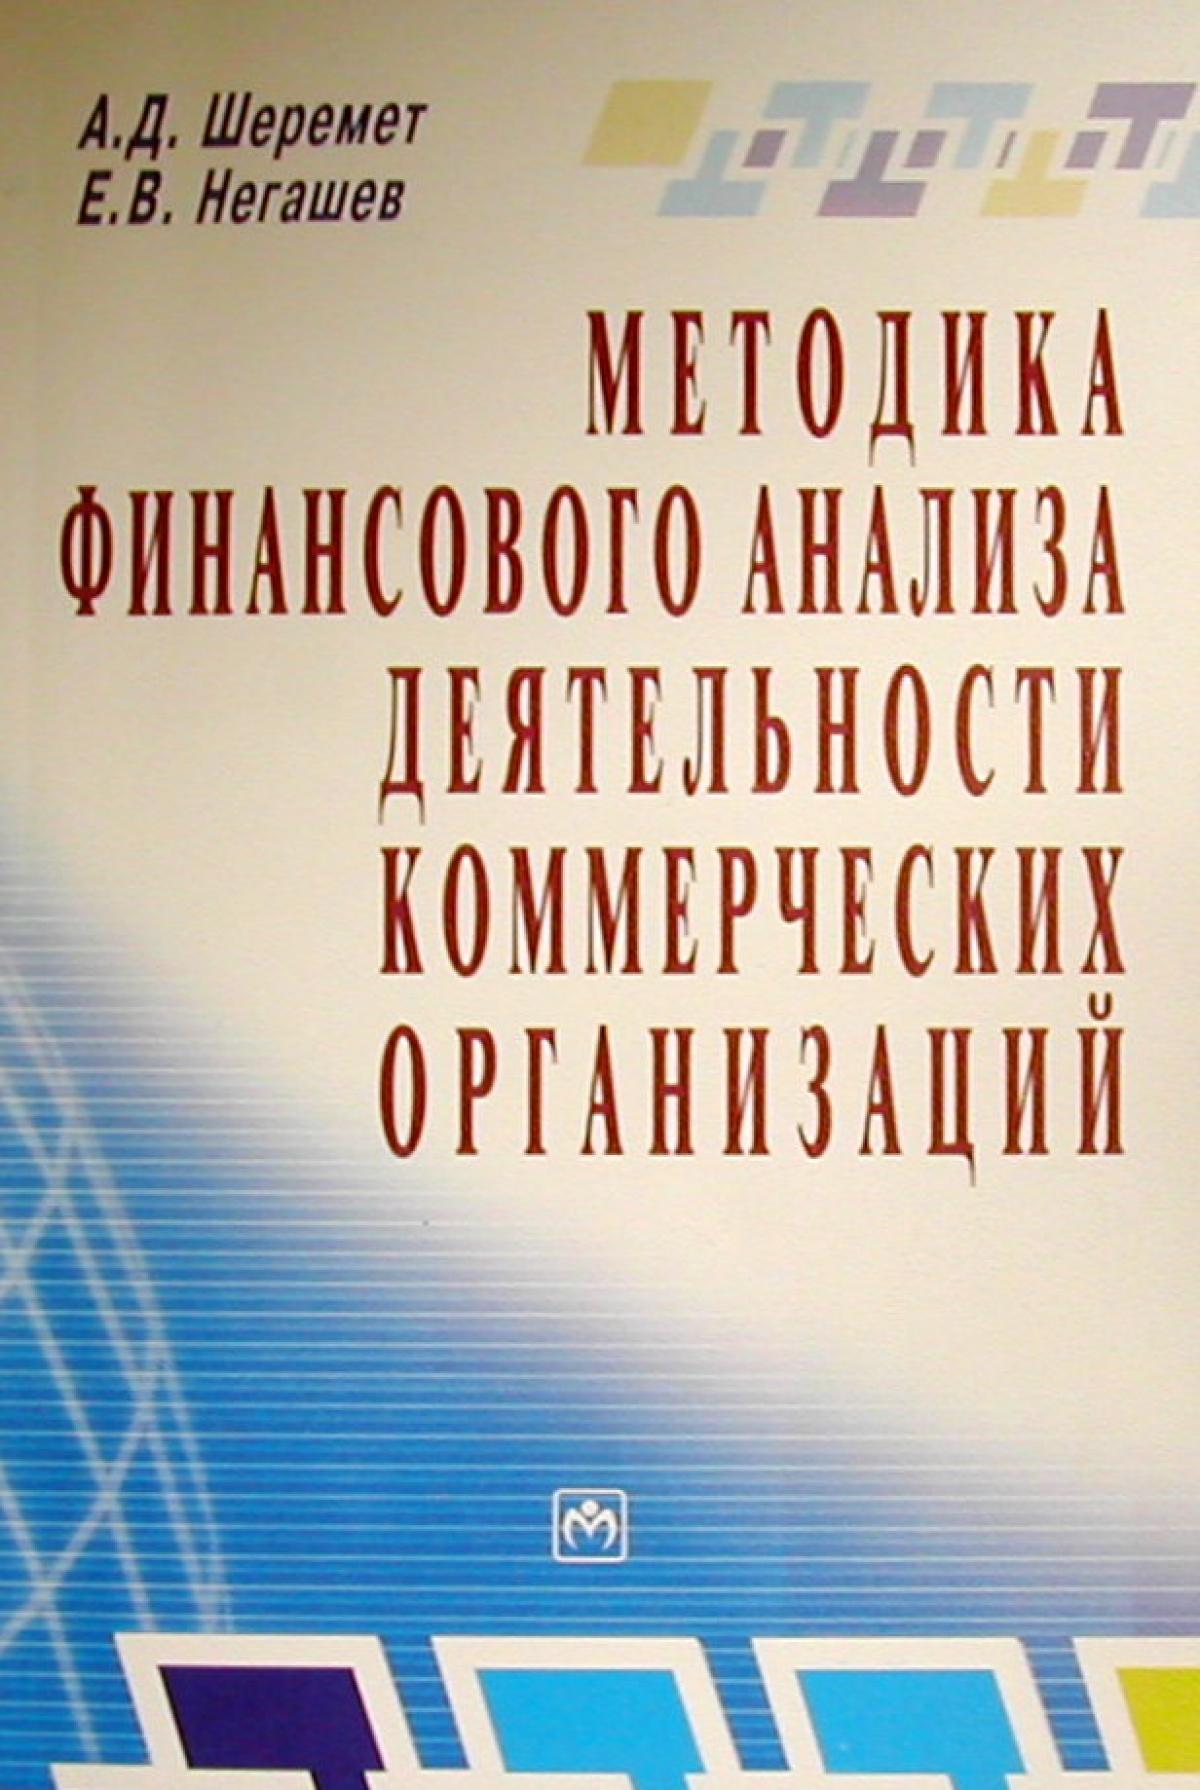 Обложка книги:  негашев е.в., шеремет а.д. - методика финансового анализа деятельности коммерческих организаций